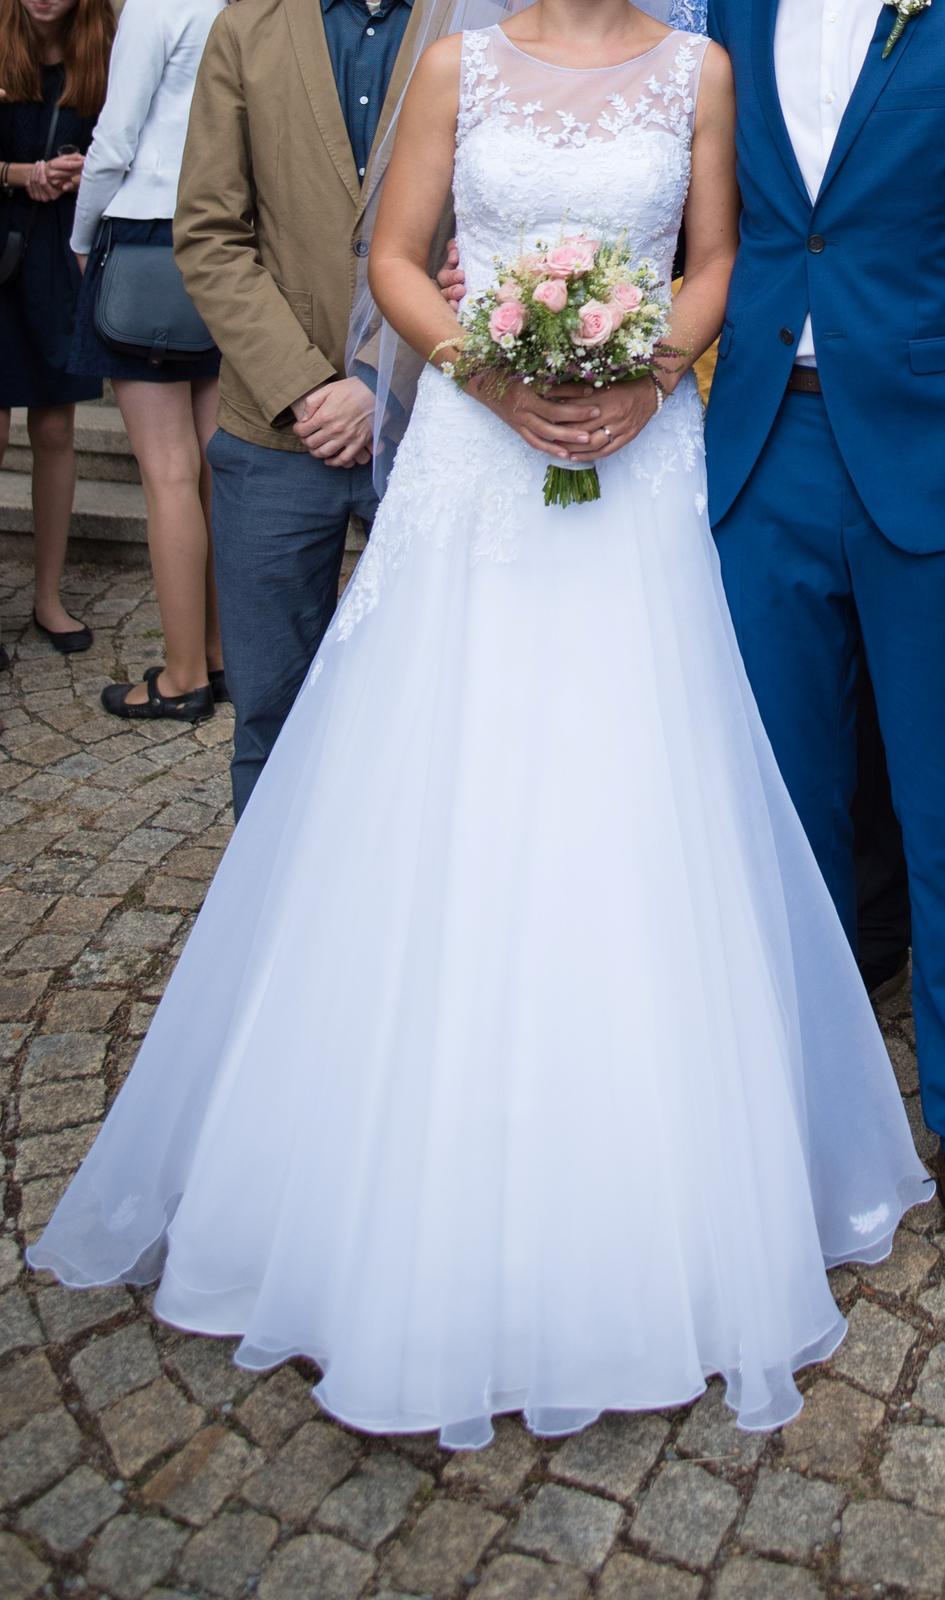 Svatební šaty (cca 36-40) korzetové s krajkou - Obrázek č. 1